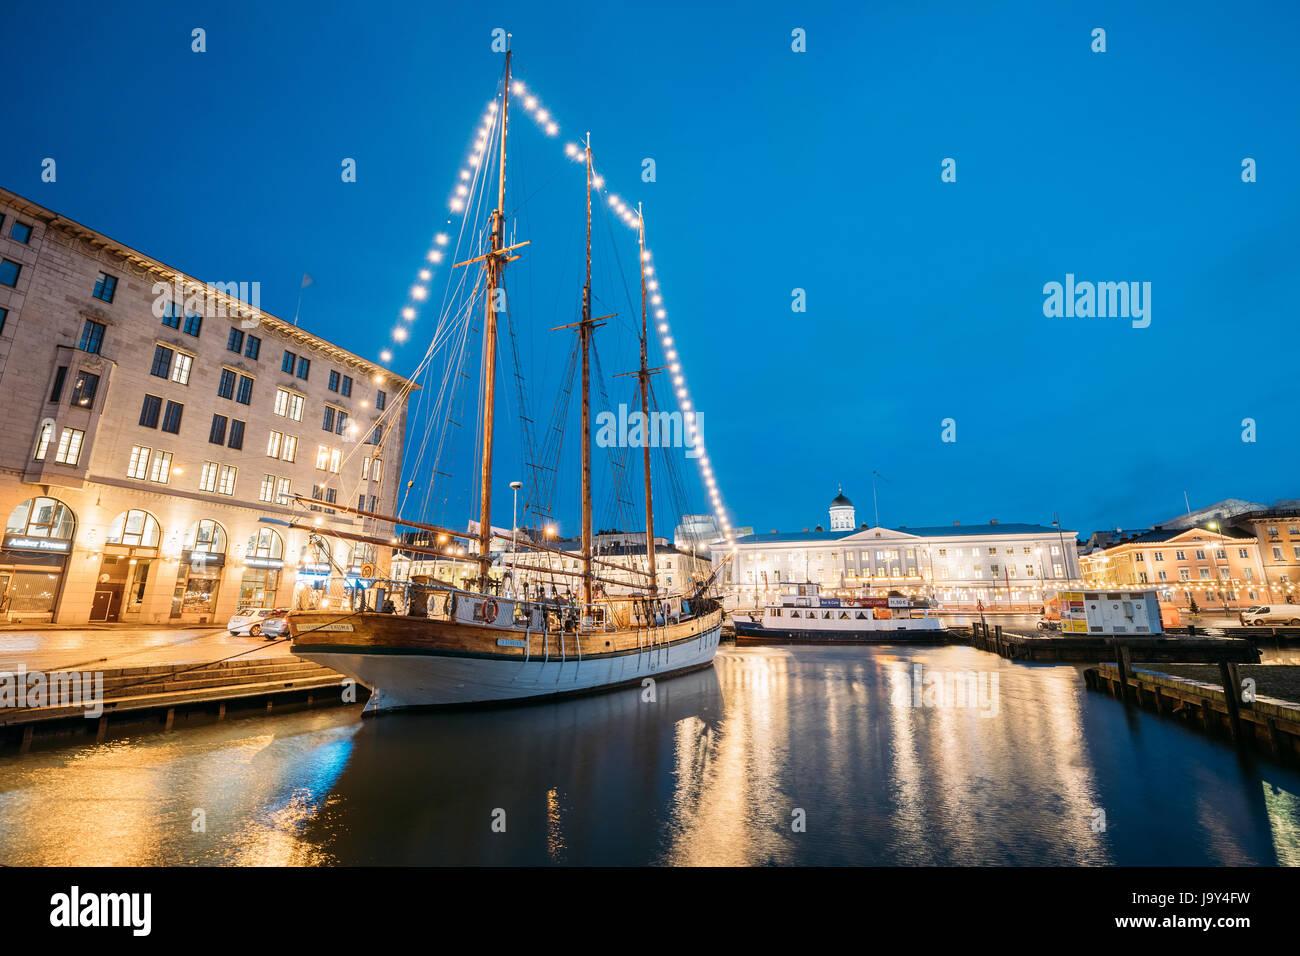 Helsinki, Finlandia - 9 Dicembre 2016: vecchia imbarcazione a vela in legno nave goletta è ormeggiato al molo Immagini Stock